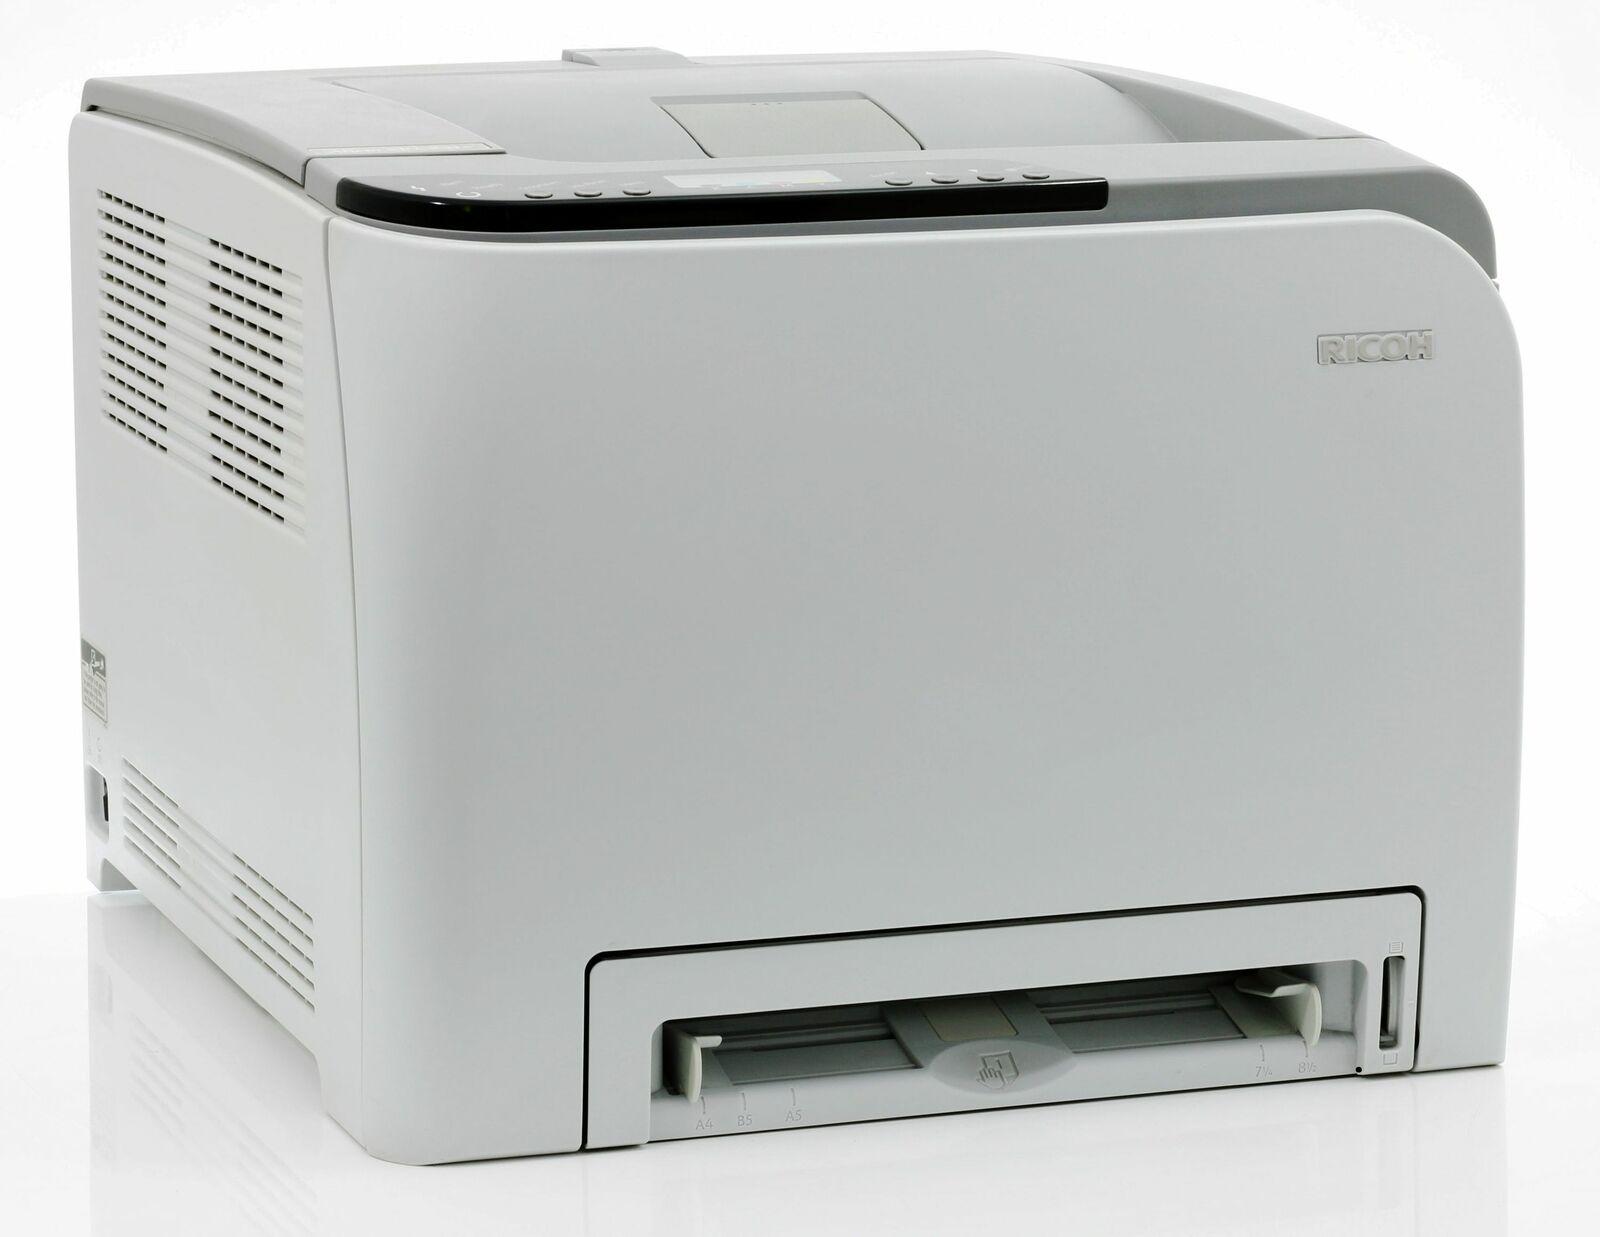 Ricoh aficio sp c231n imprimante couleur réseau laser sous 45.000 pages